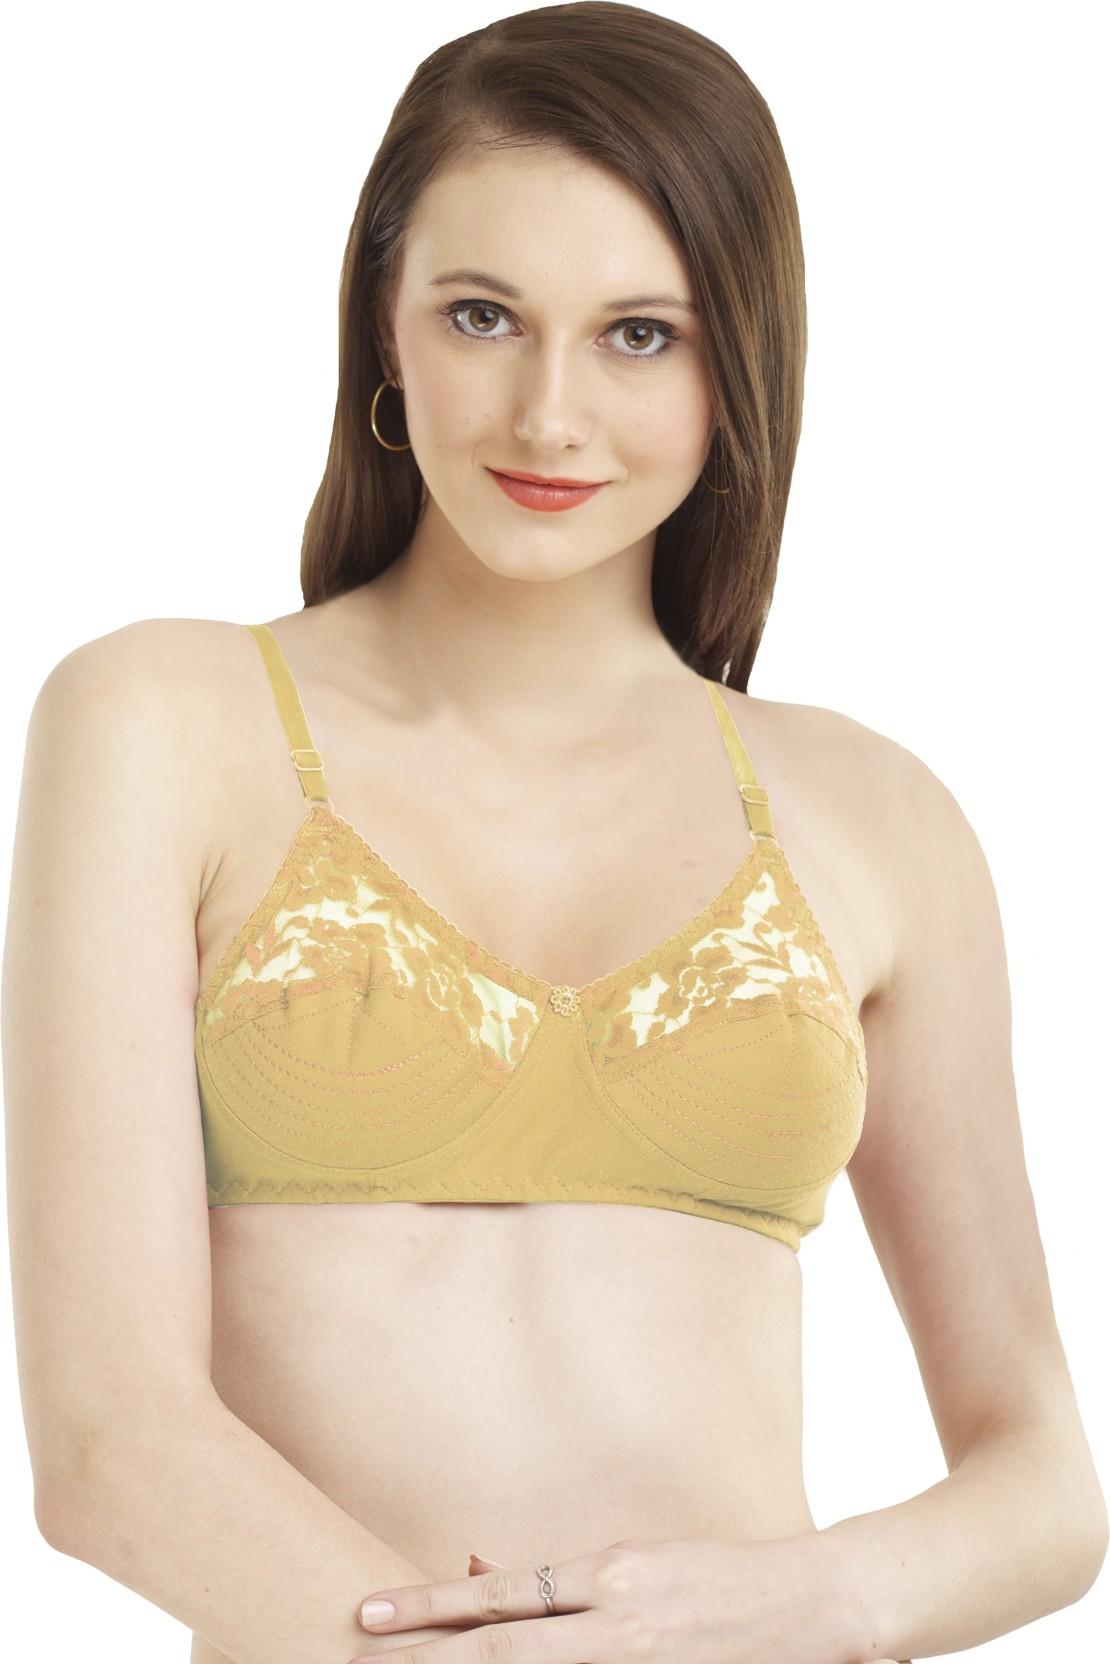 94cb0d56c2355 Madam Women s Full Coverage Non Padded Bra - Buy Skin Madam Women s ...